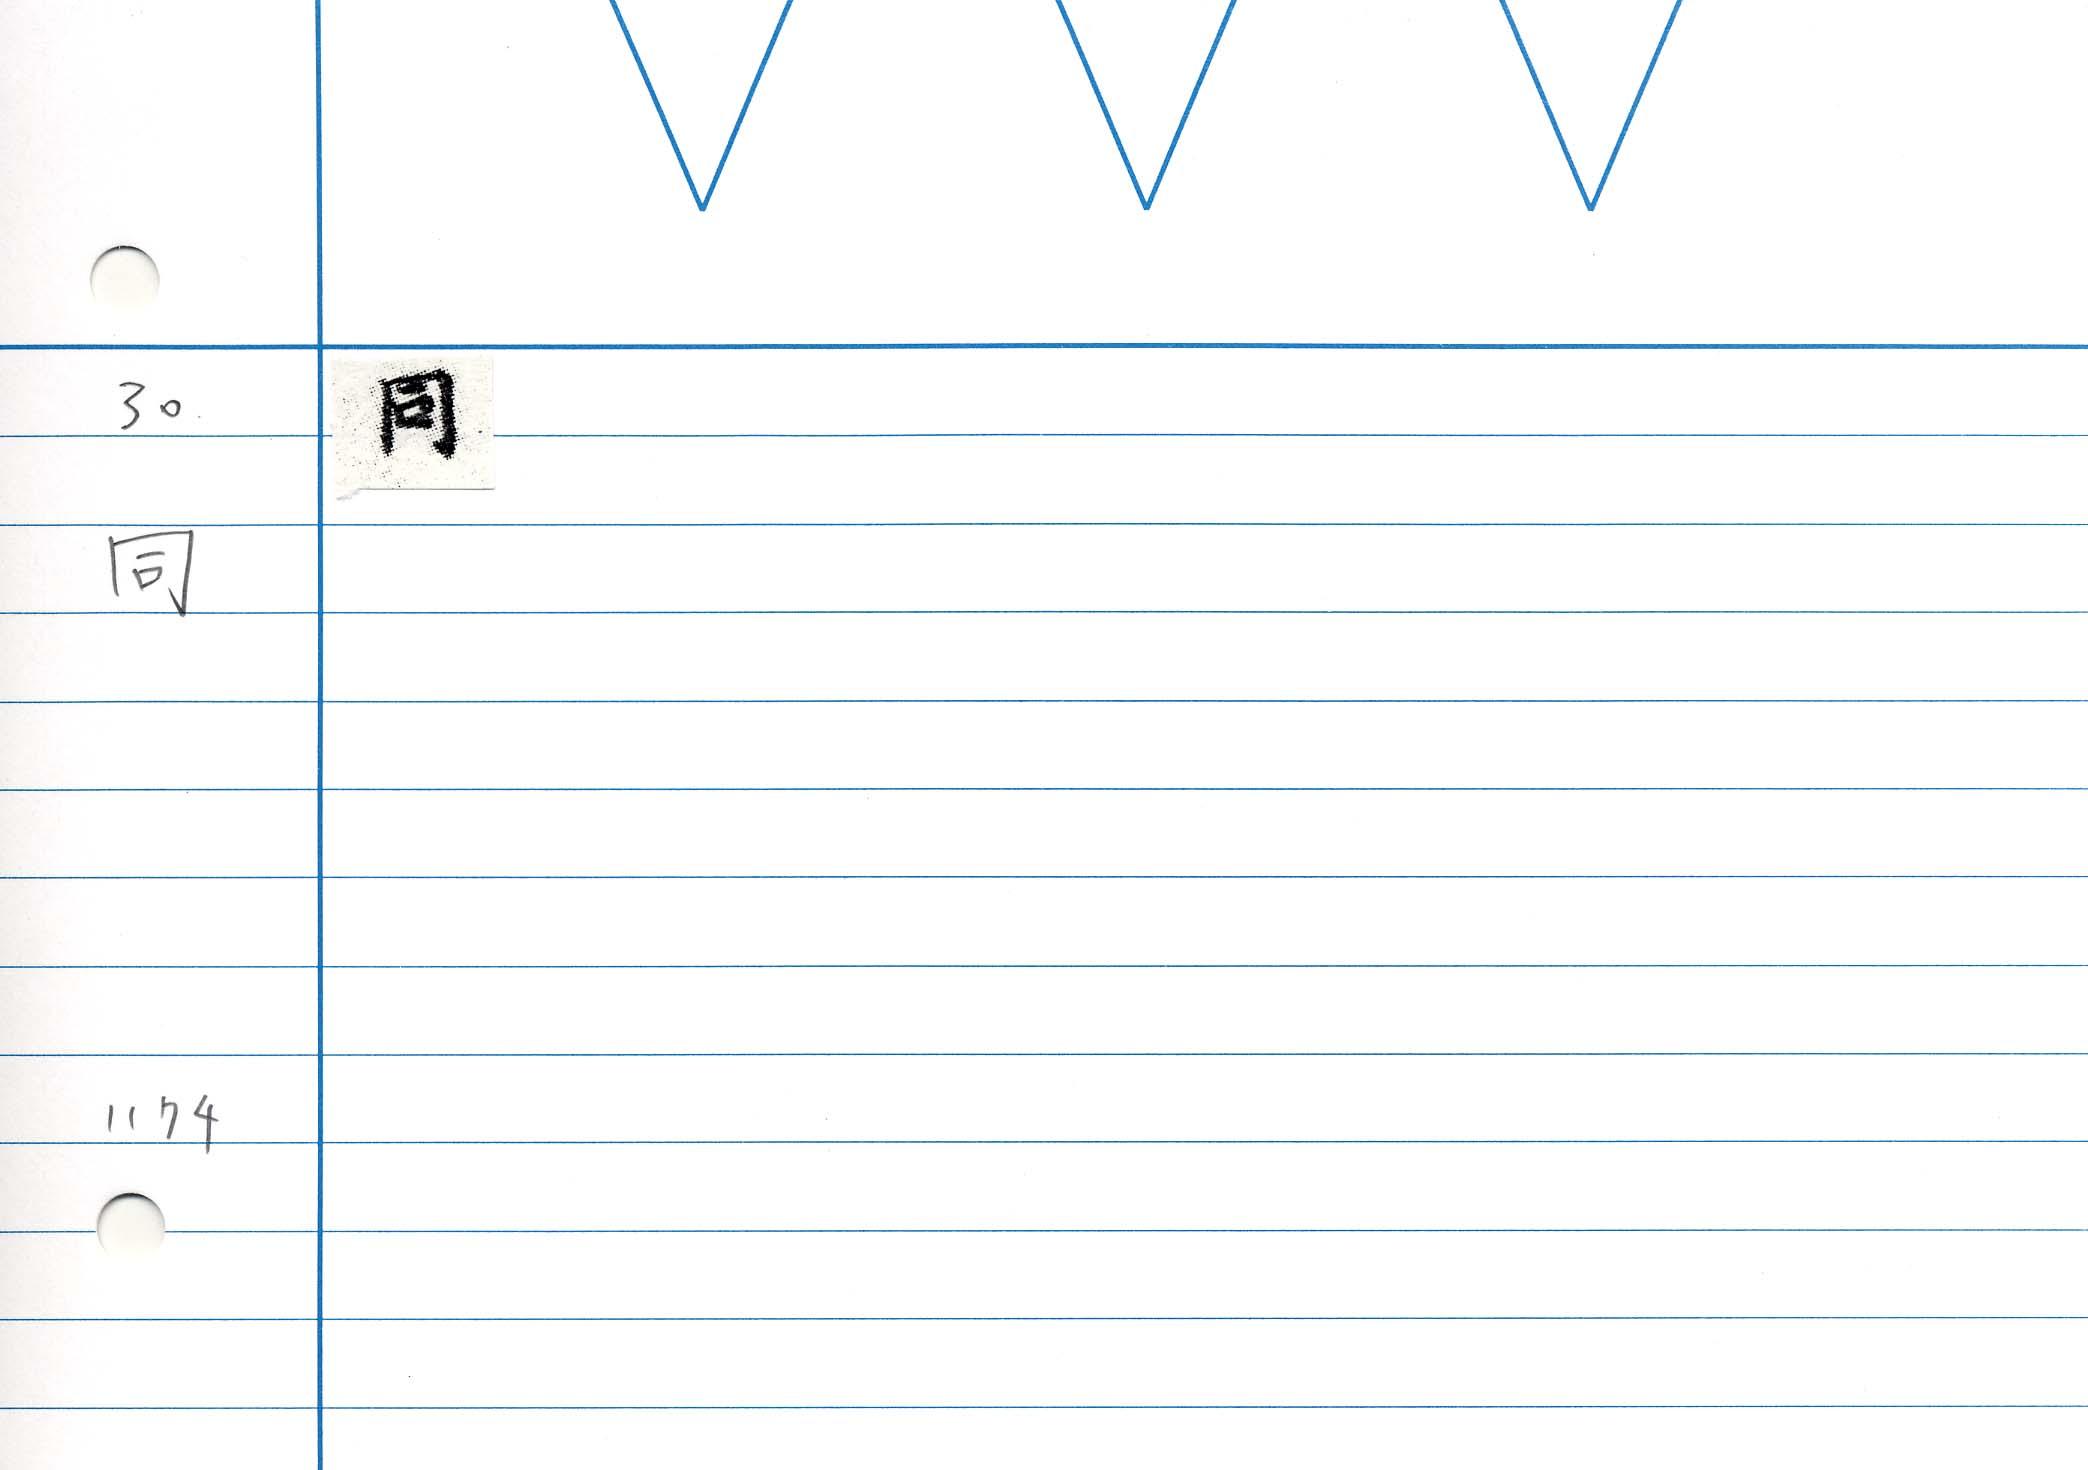 12_妙法蓮華經卷六(P.2195)/cards/0023.jpg